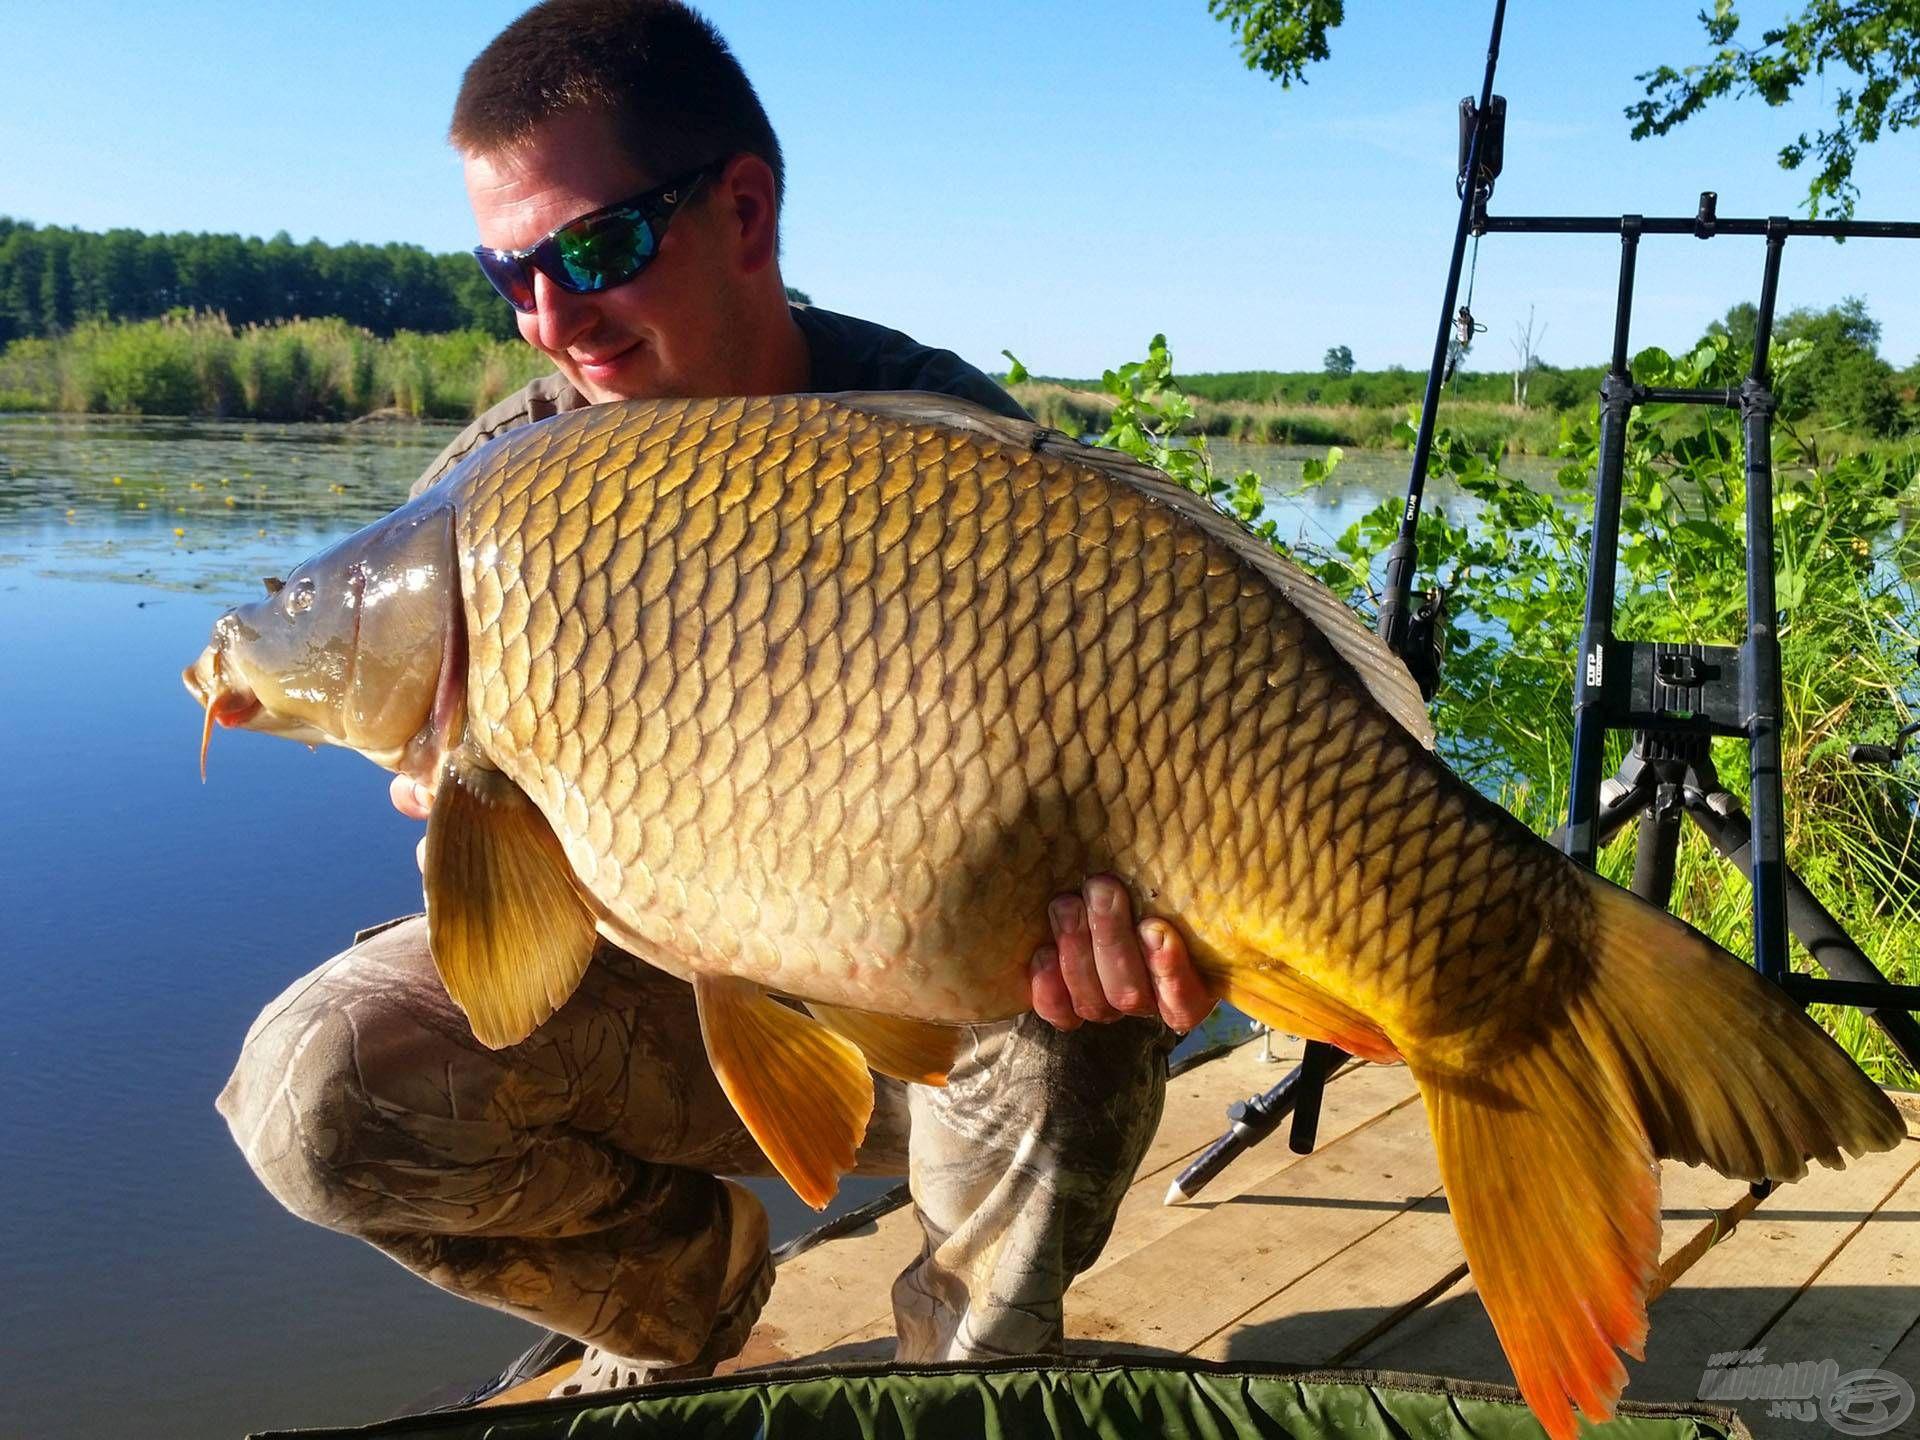 Kapástalan helyzetekben kiharcolni egy különleges fogást: ezért érdemes változtatni horgászat közben!